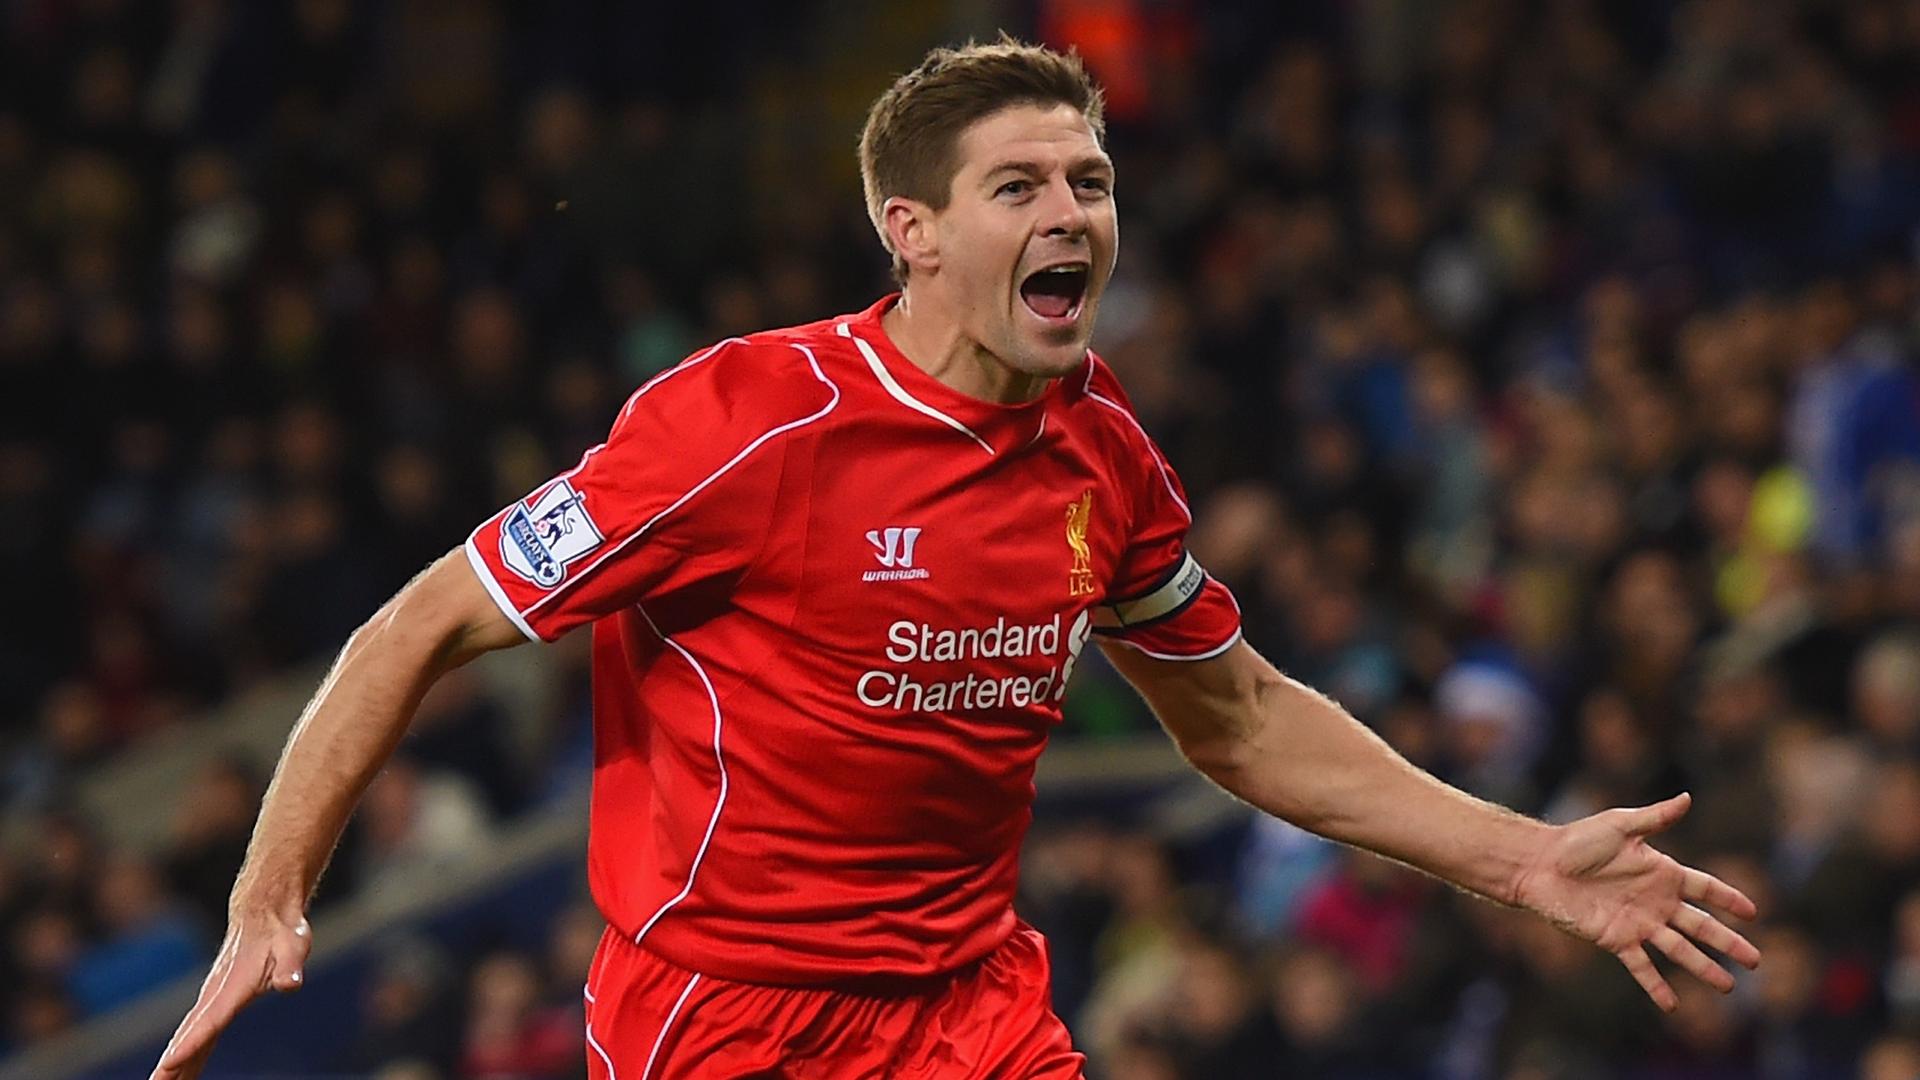 Navijači Liverpoola žele da Gerrard podigne trofej prvaka